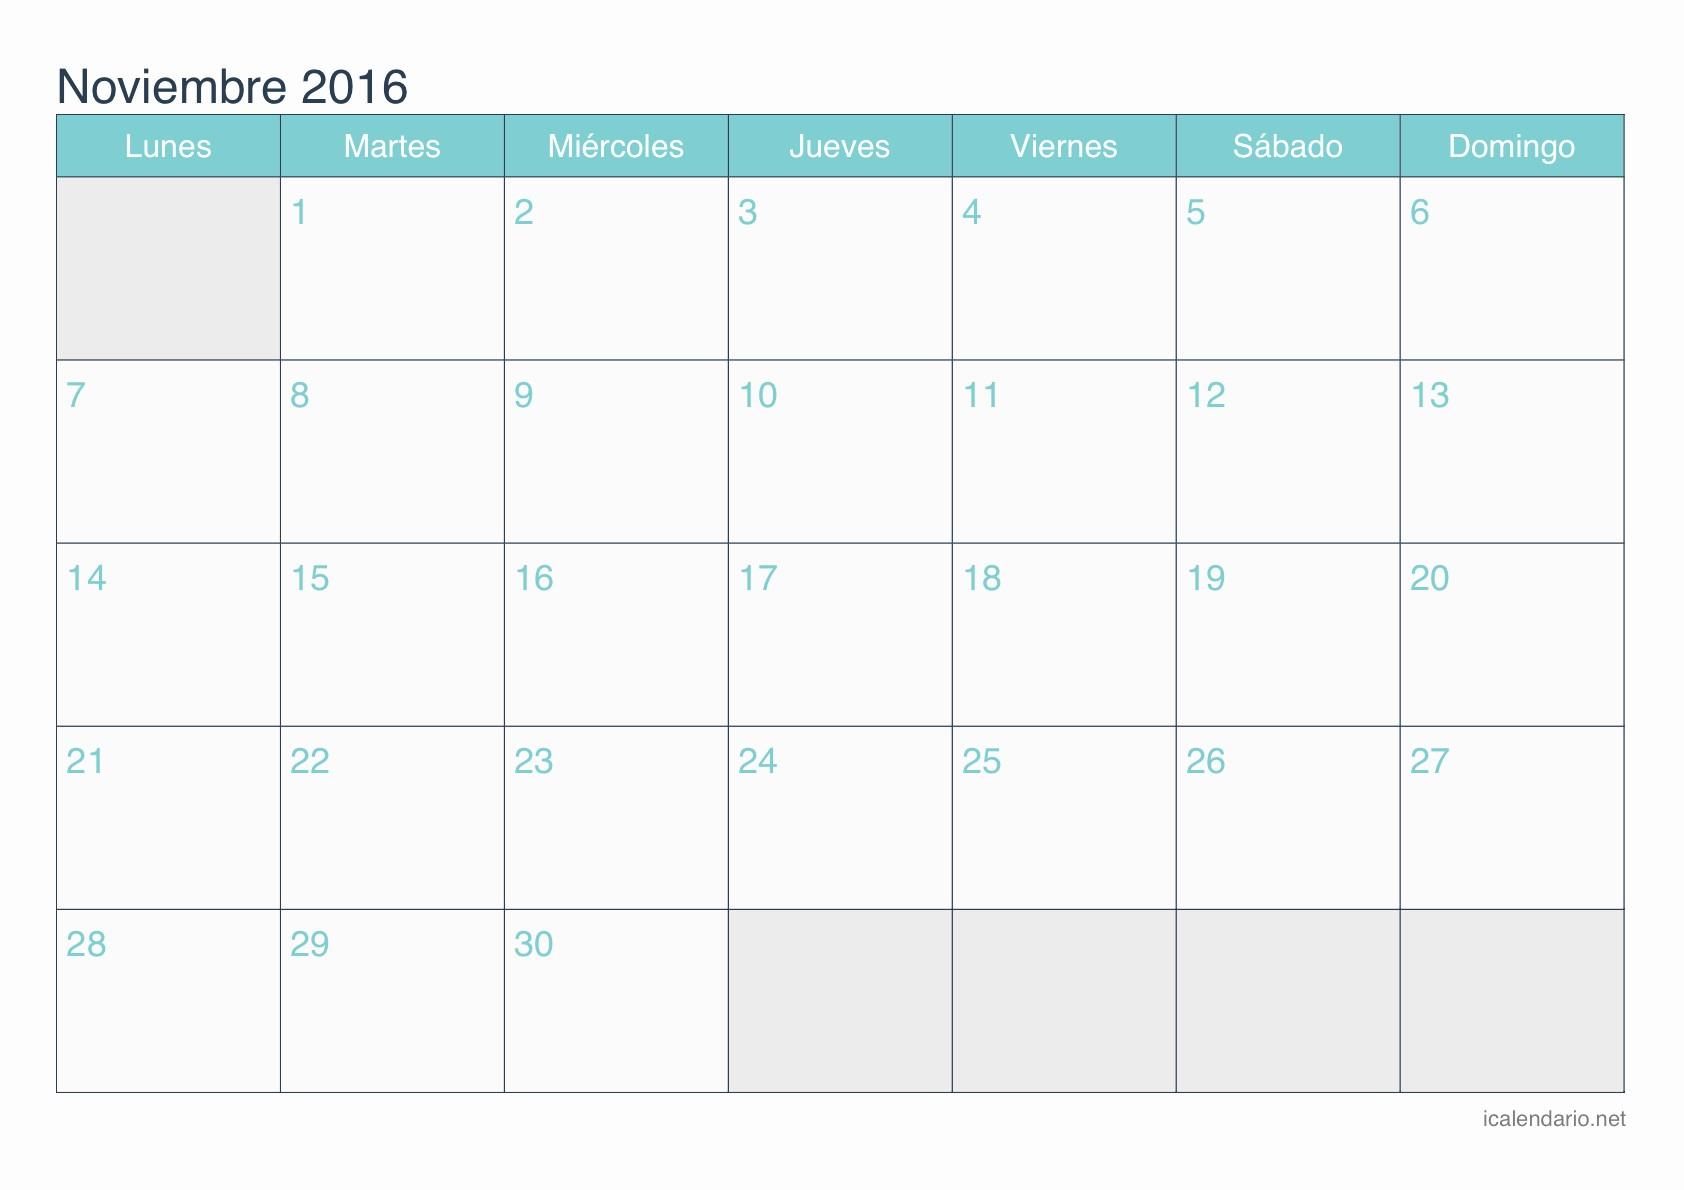 luna salida horario 2019 luna salida horario 2019 calendario 2016 luna llena en mayo